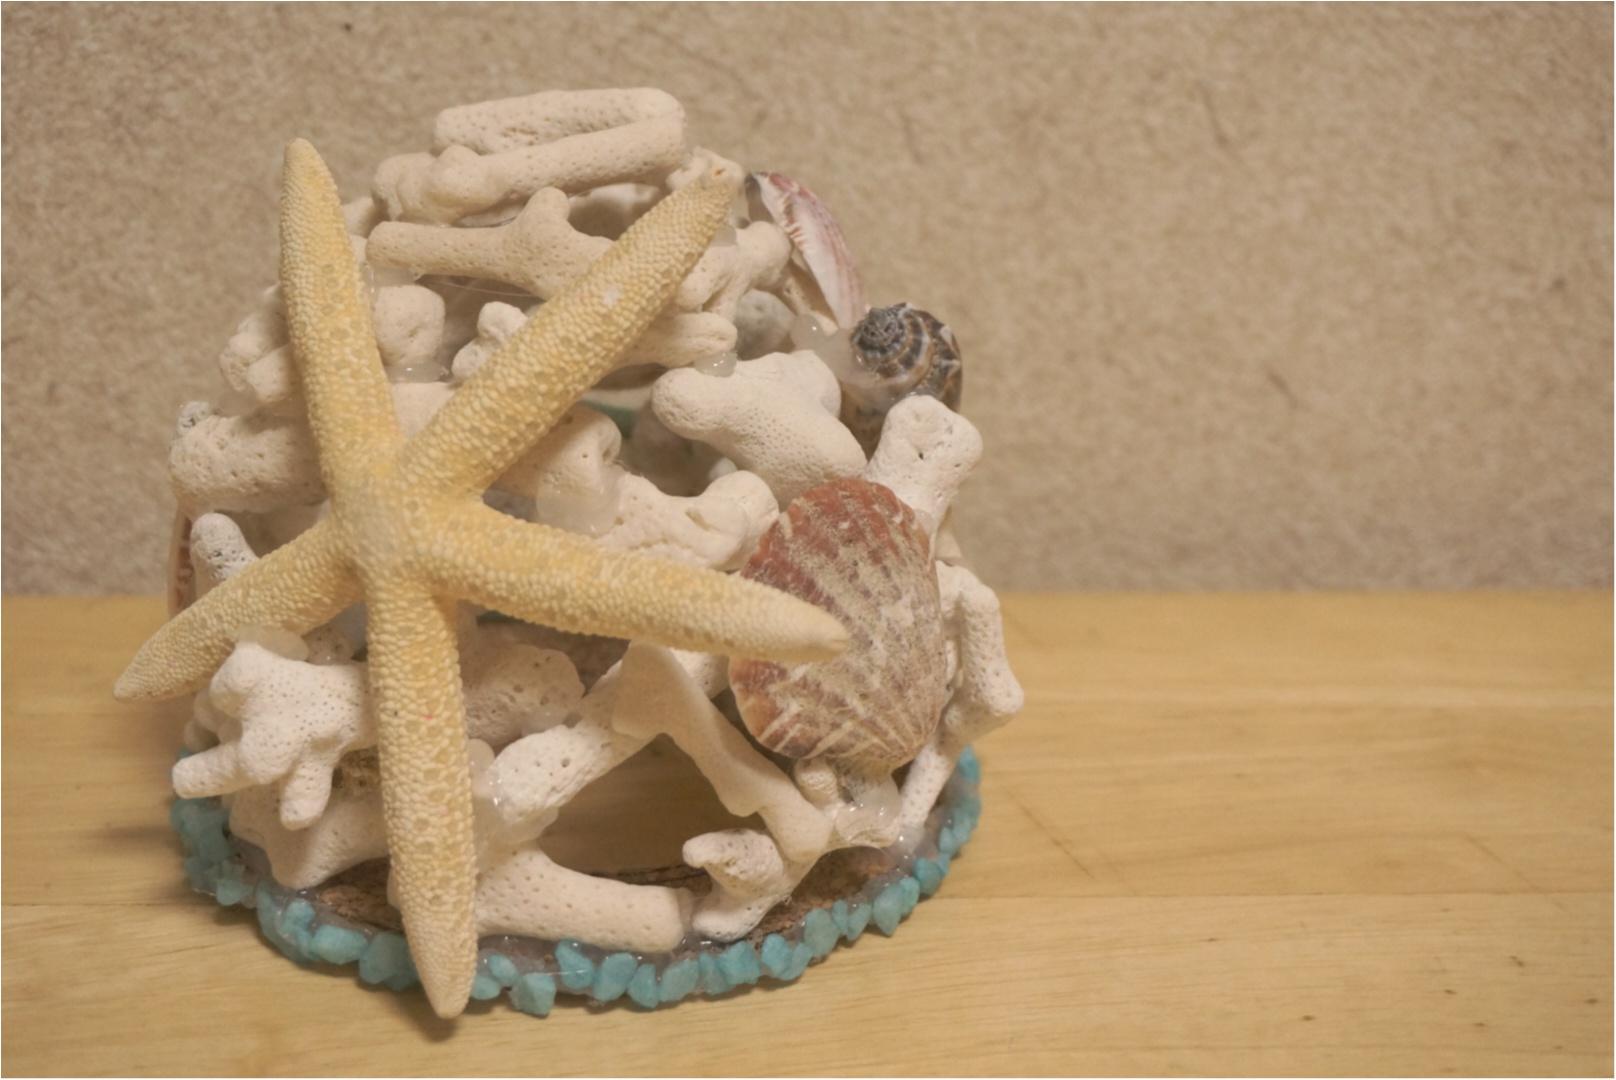 【ハンドメイド講座】大人の自由研究( ´艸`)⁉️枝珊瑚で作る夏物ランプシェード♡_7